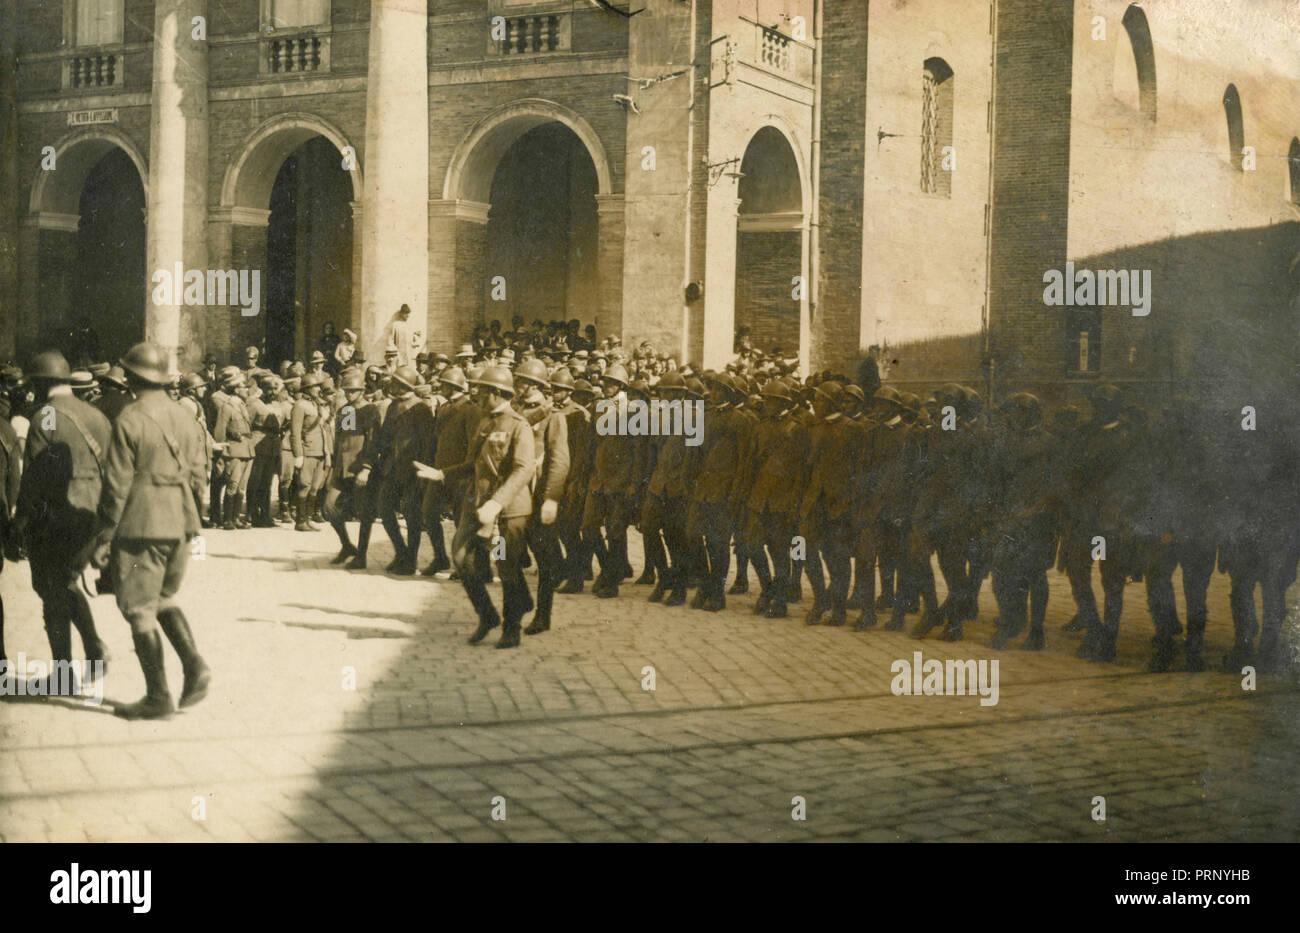 Military parade, Italy 1930s - Stock Image